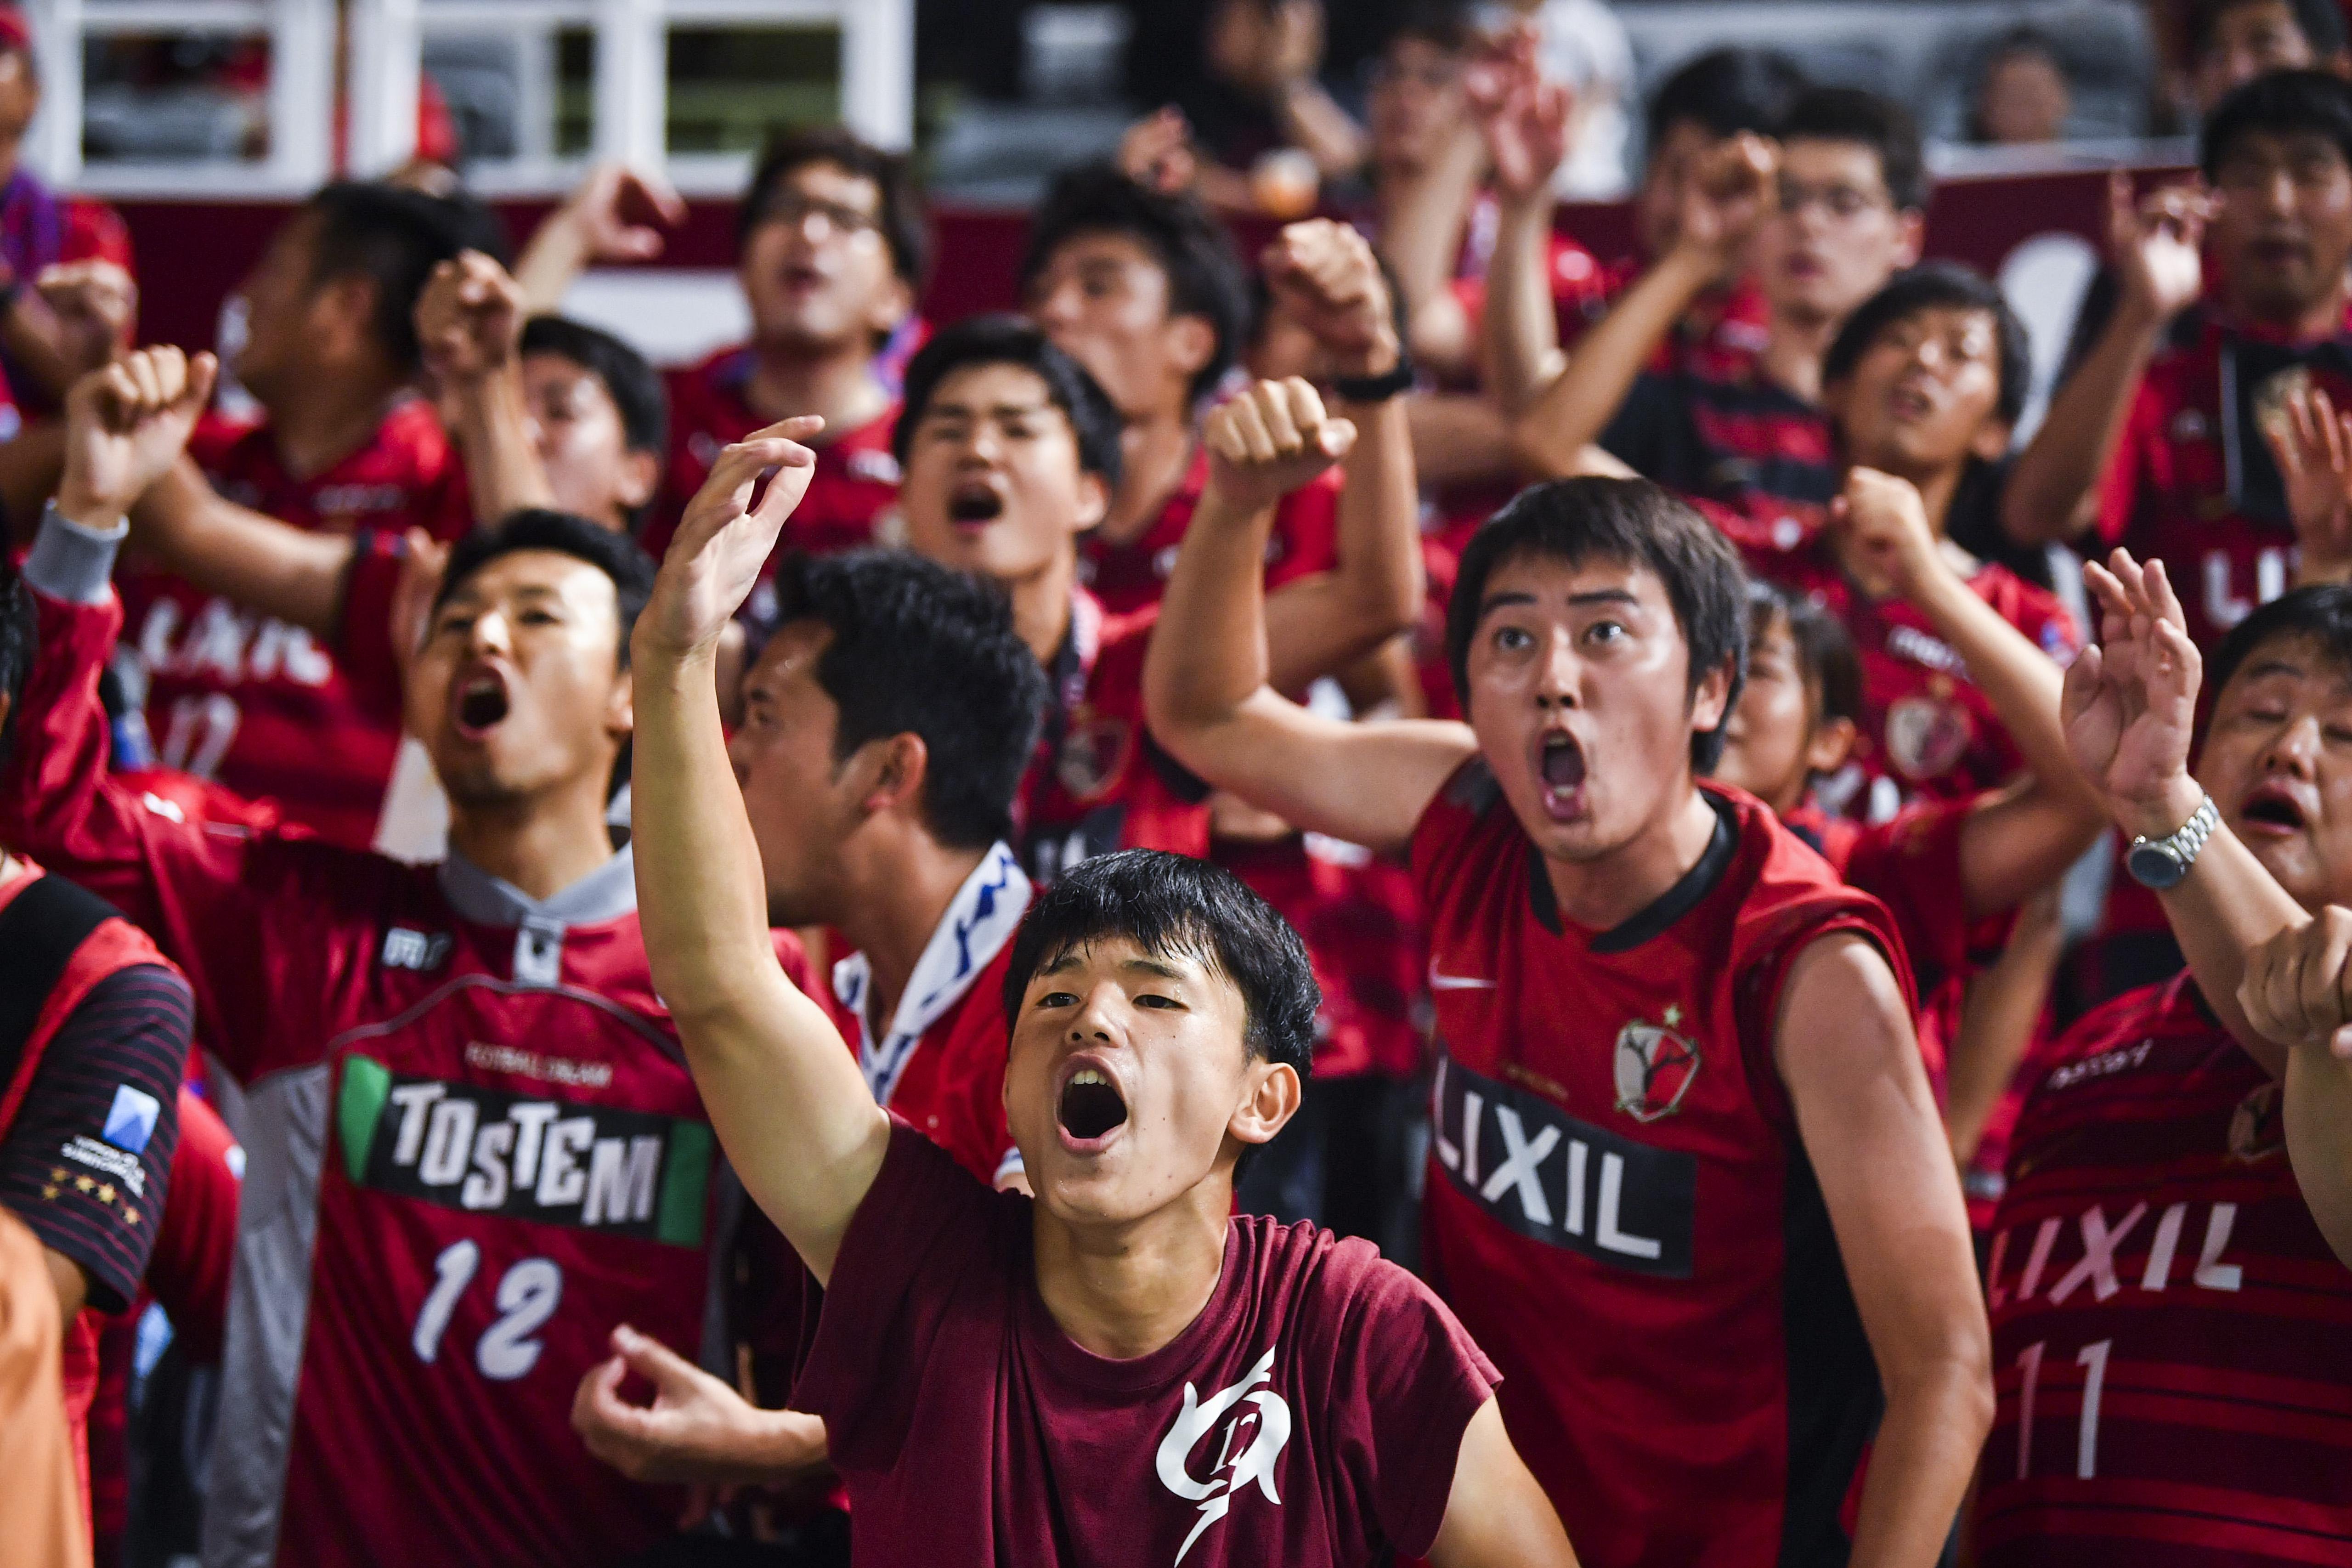 Kizárták Makaót a vébéselejtezőről, mert a szövetség nem engedte el Srí Lankára a csapatot